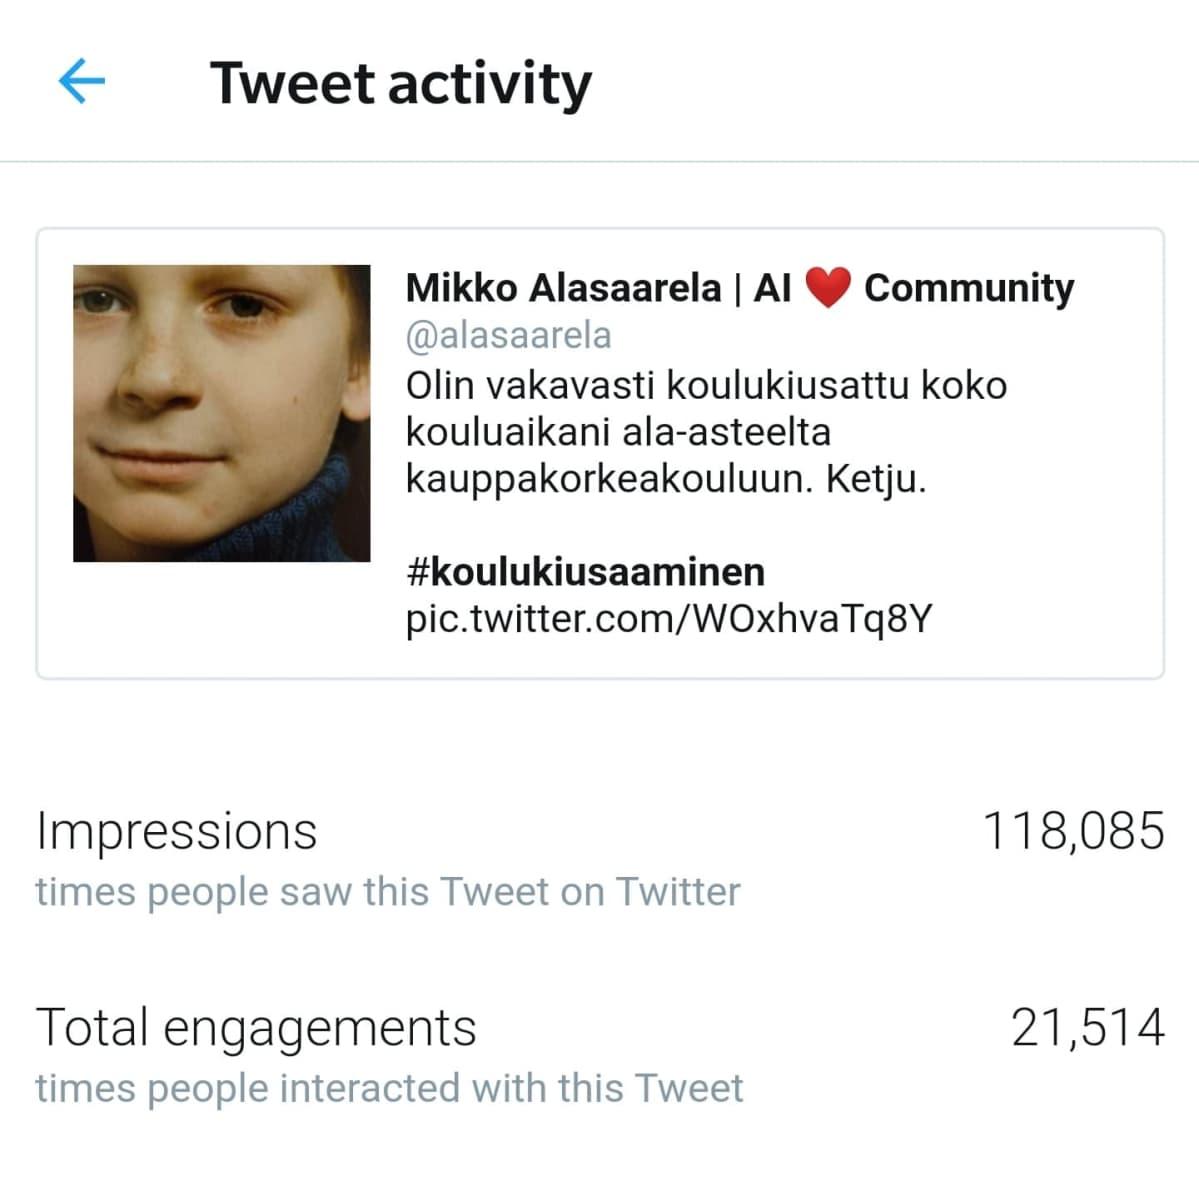 Mikko Alasaarelan twiitti kiusaamisesta on suurin suomenkielinen päivitys  Twitterissä